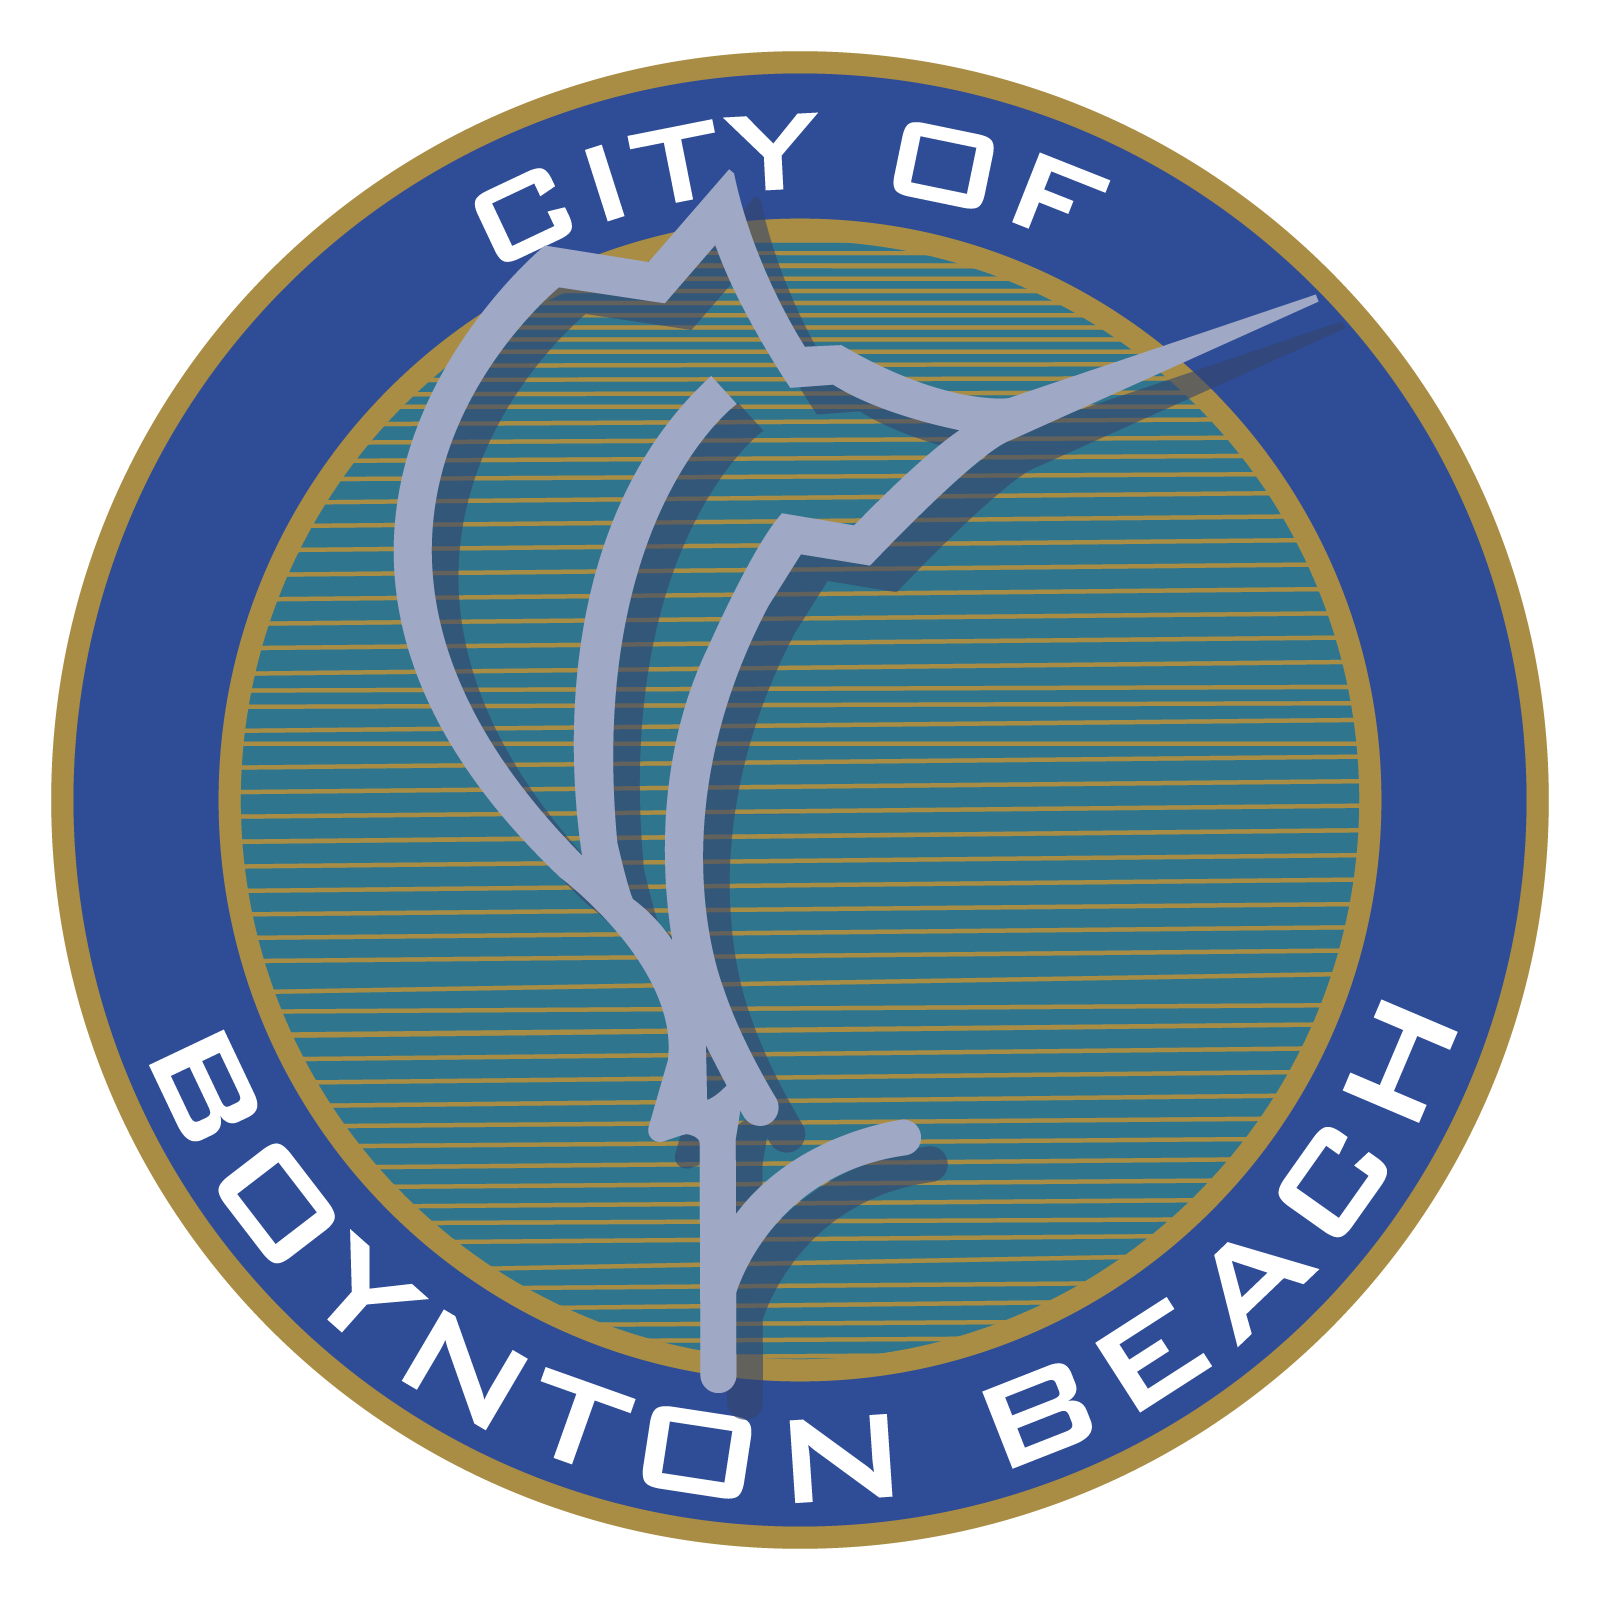 City of Boynton Beach Circle Logo